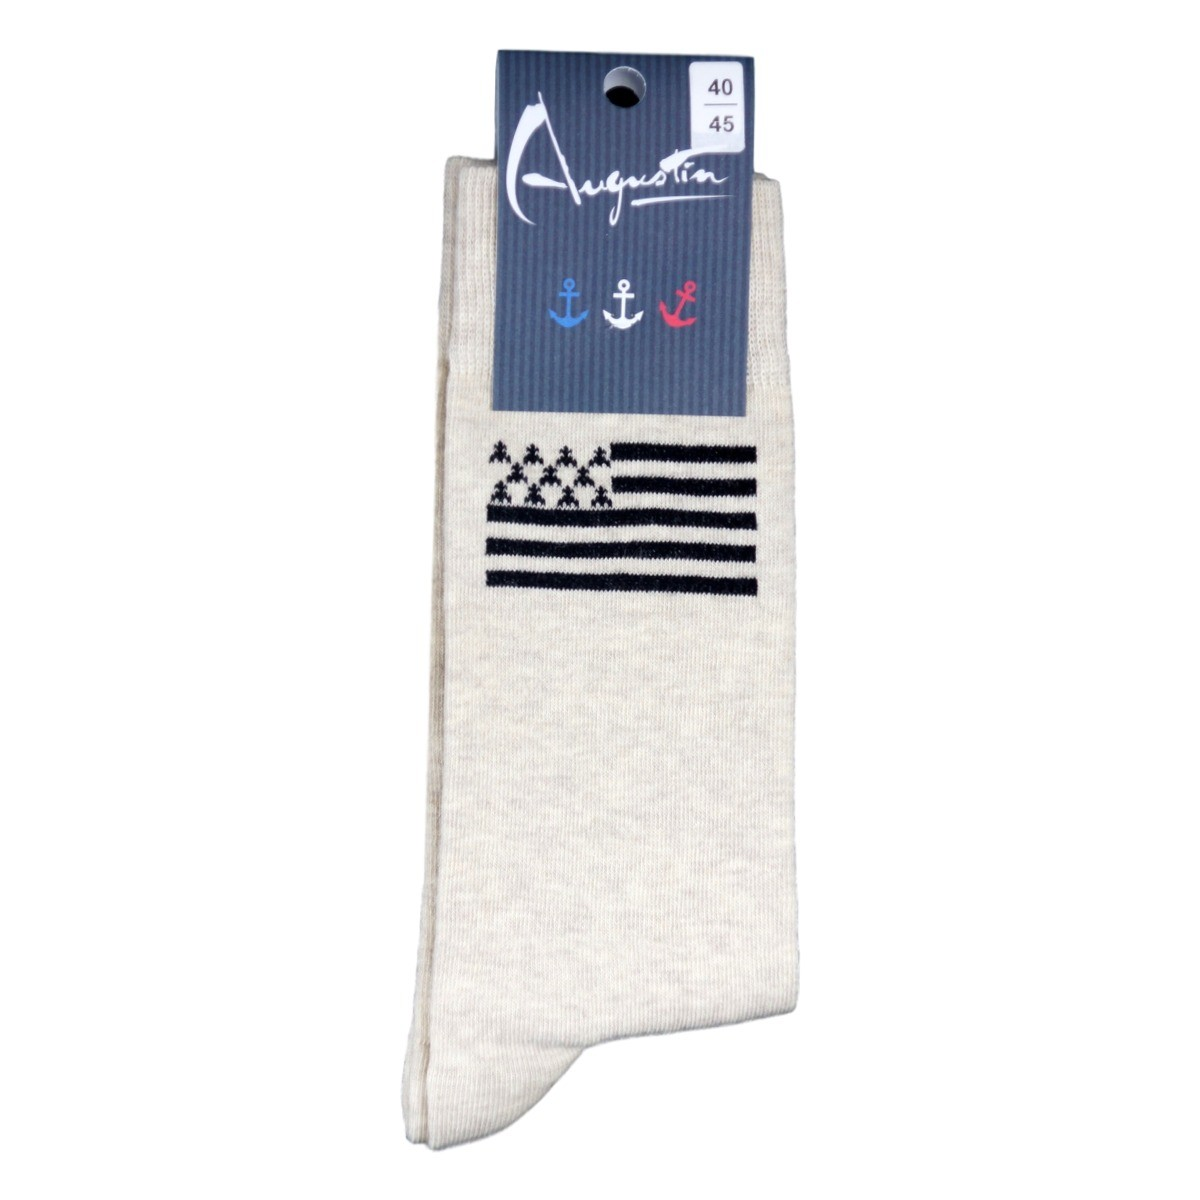 c37e6a5dc1f9 Chaussettes Drapeau Breton Gwenn Ha Du   Augustin vêtement marin